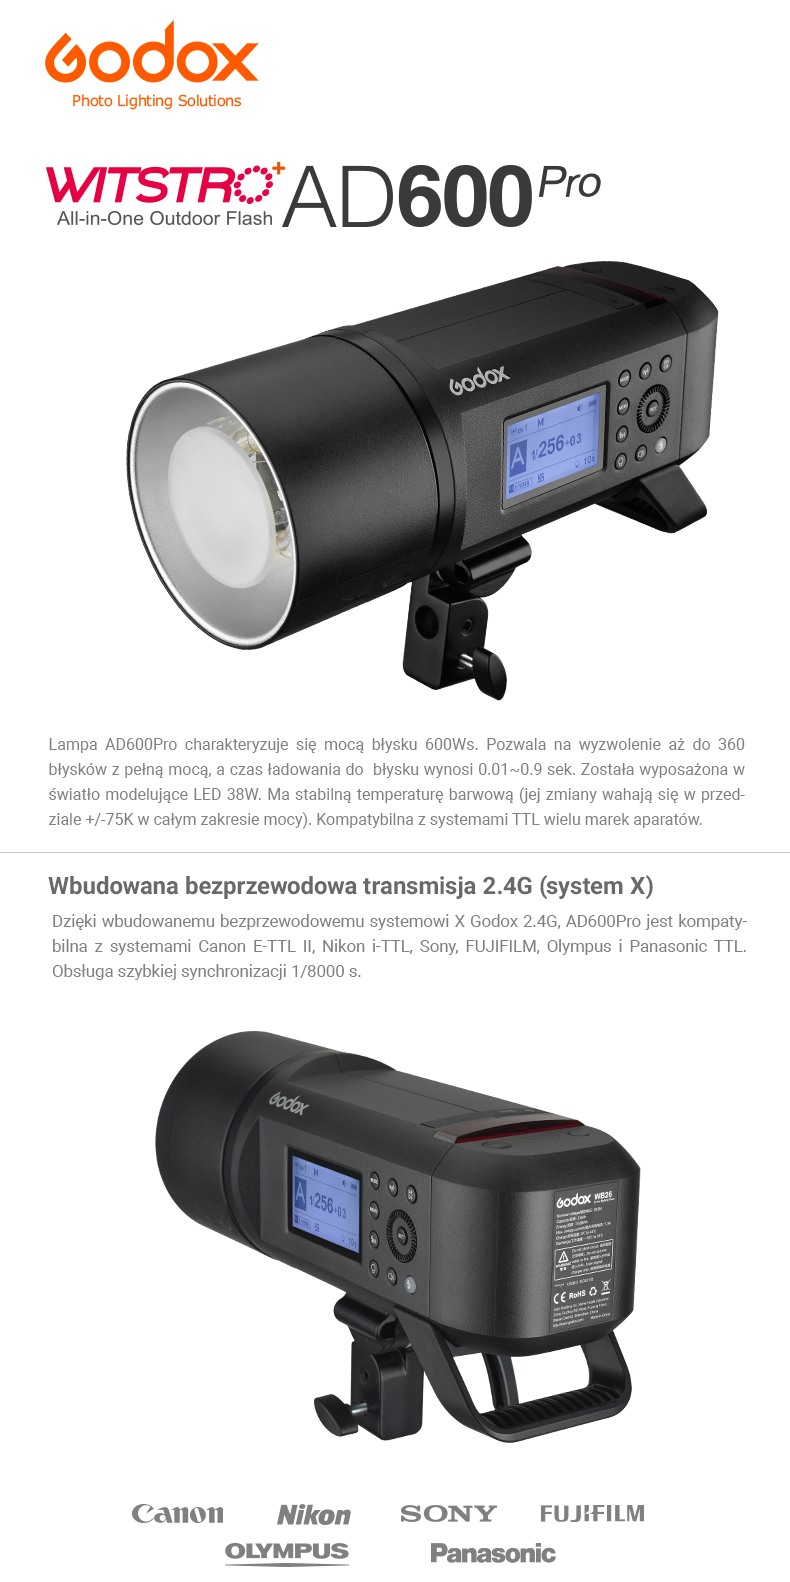 Godox Witstro AD600Pro All-in-one Outdoor Flash. Wbudowana bezprzewodowa transmisja 2.4G System X. Moc błysku 600Ws, wydajna bateria, stabilna temperatura barwowa.